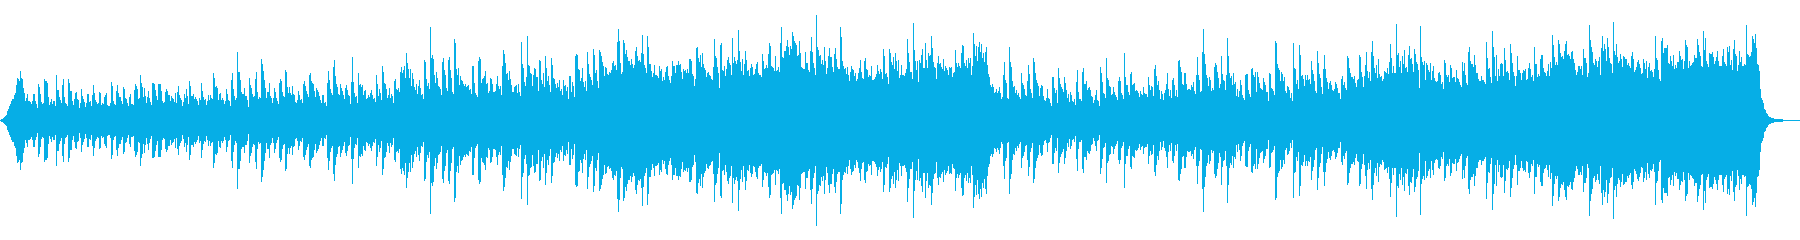 企業VP、爽やか/壮大なオーケストラ3の再生済みの波形